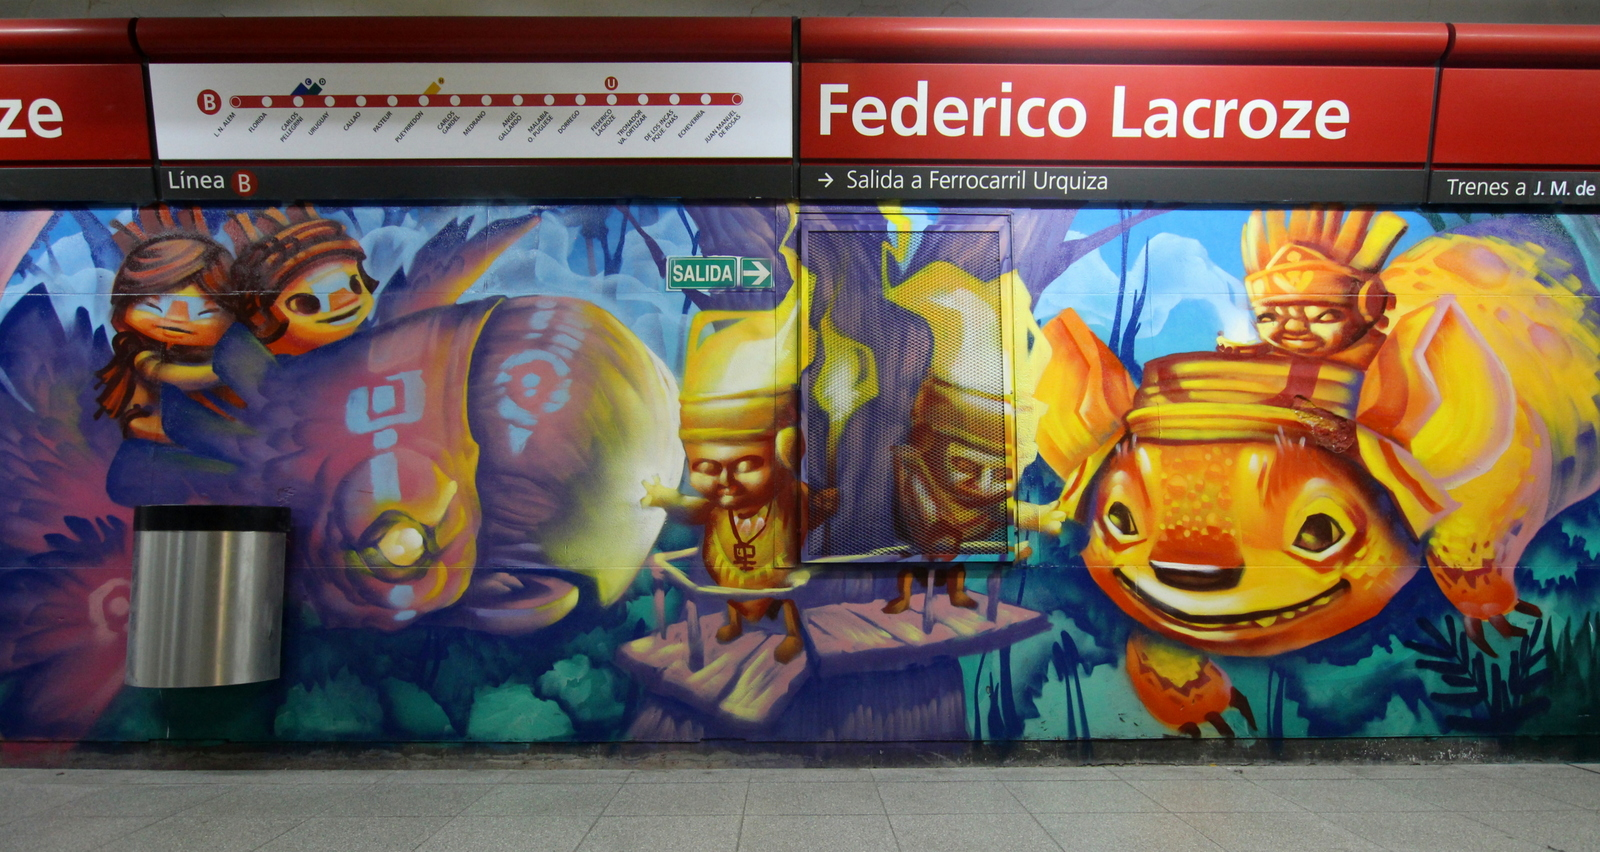 argentina graffiti tour murales arte urbano buenos aires argentina trenes vagones grafiti bombing caracteres